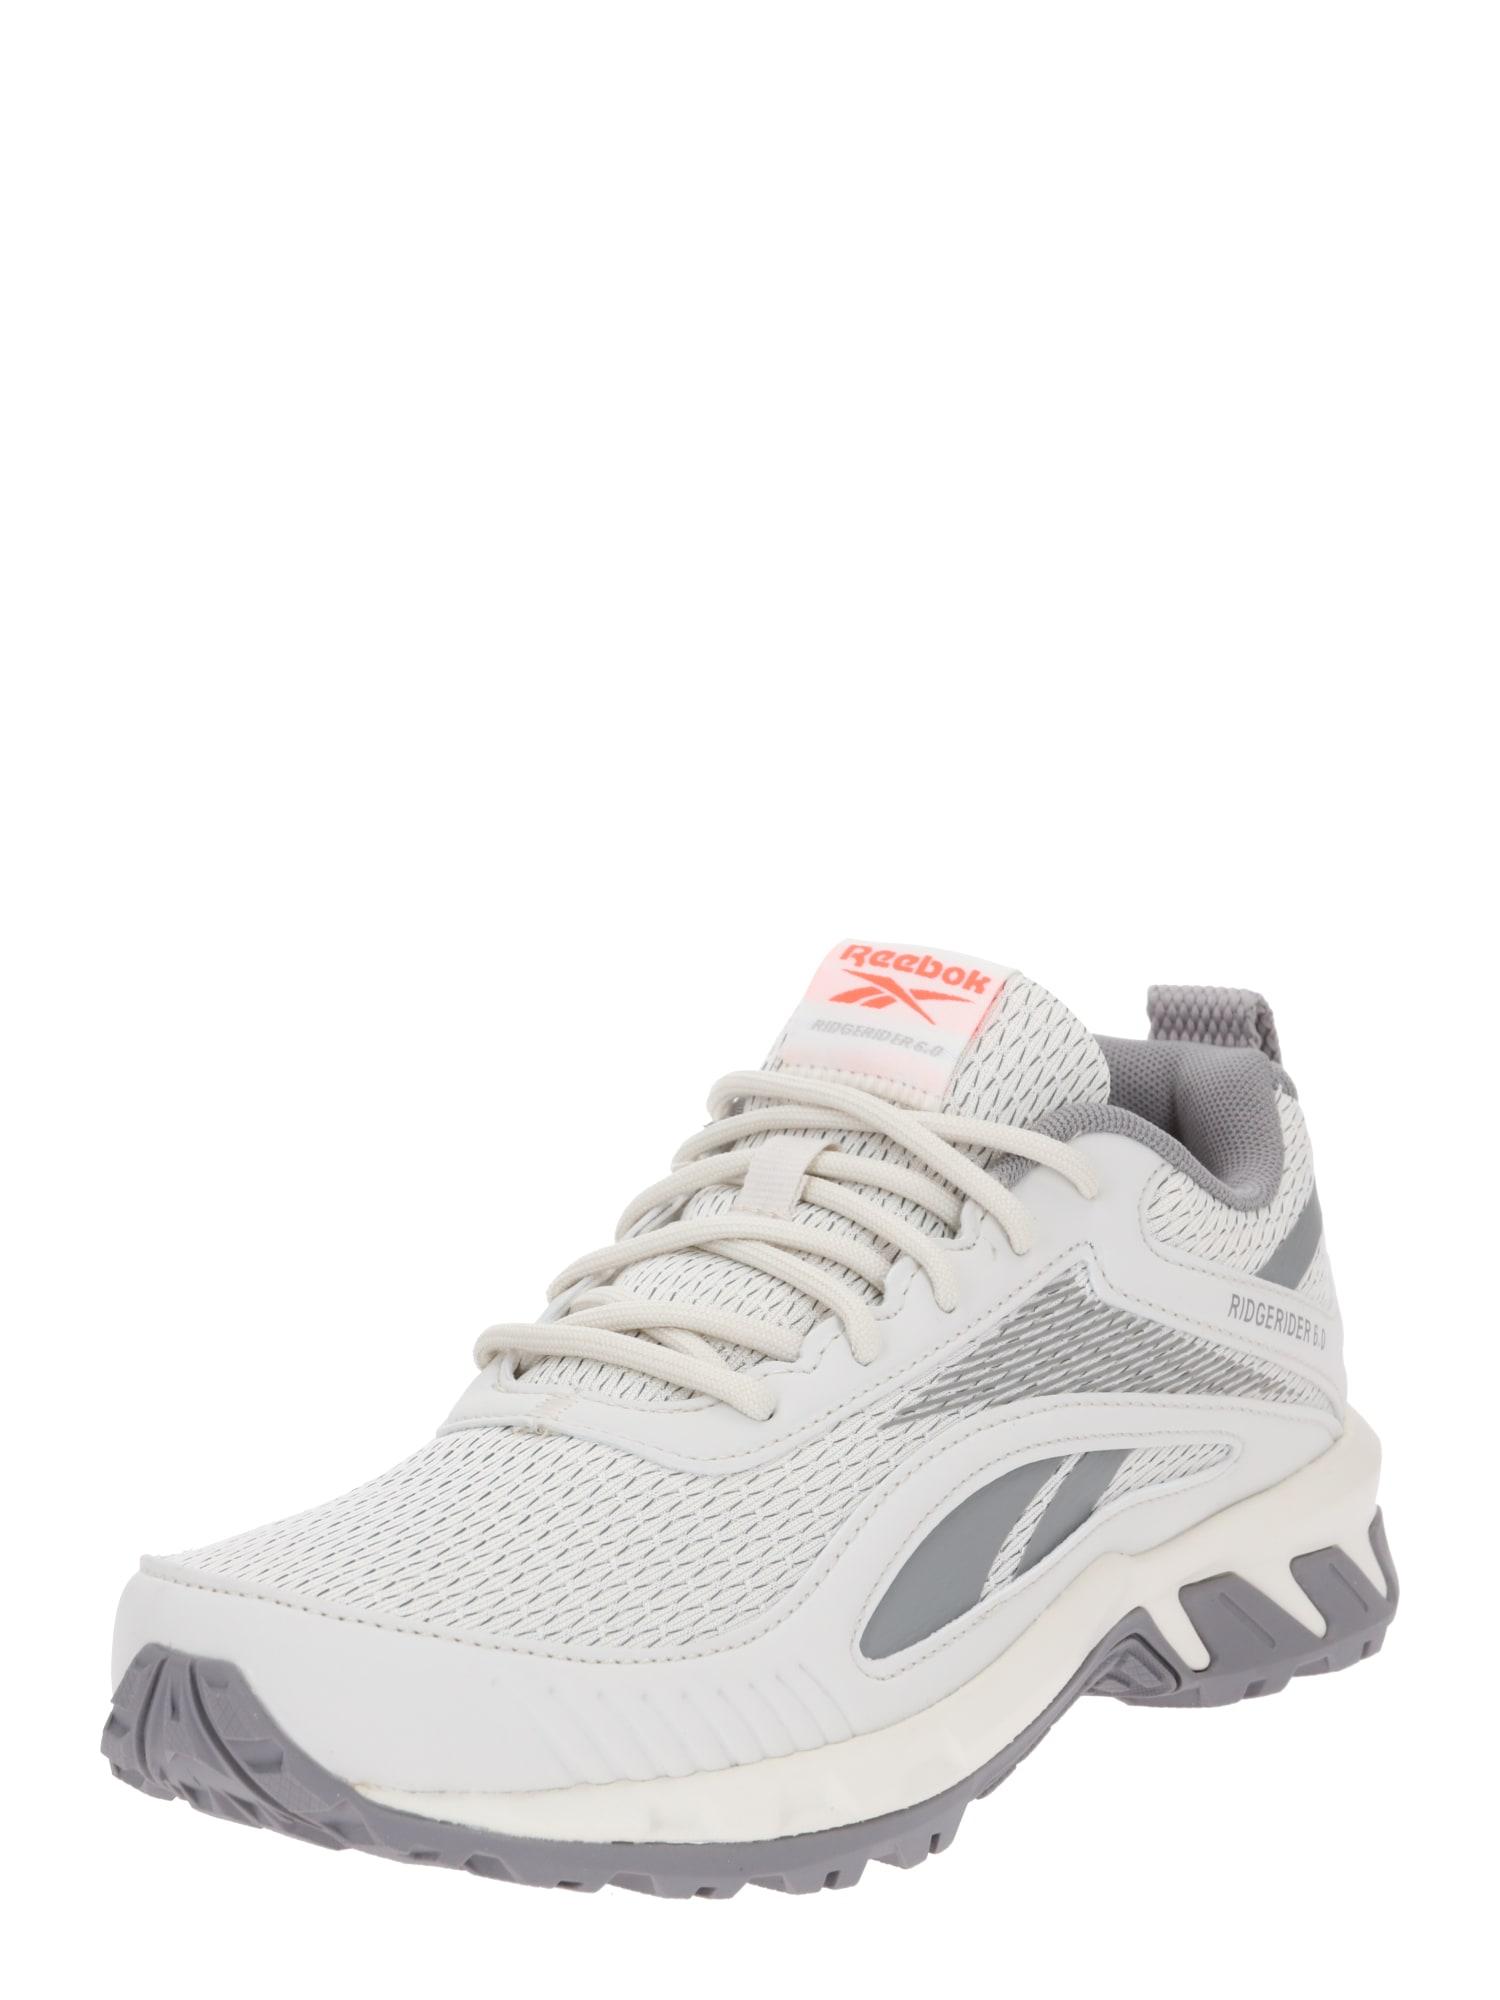 REEBOK Sportiniai batai 'Ridgerider' pilka / šviesiai pilka